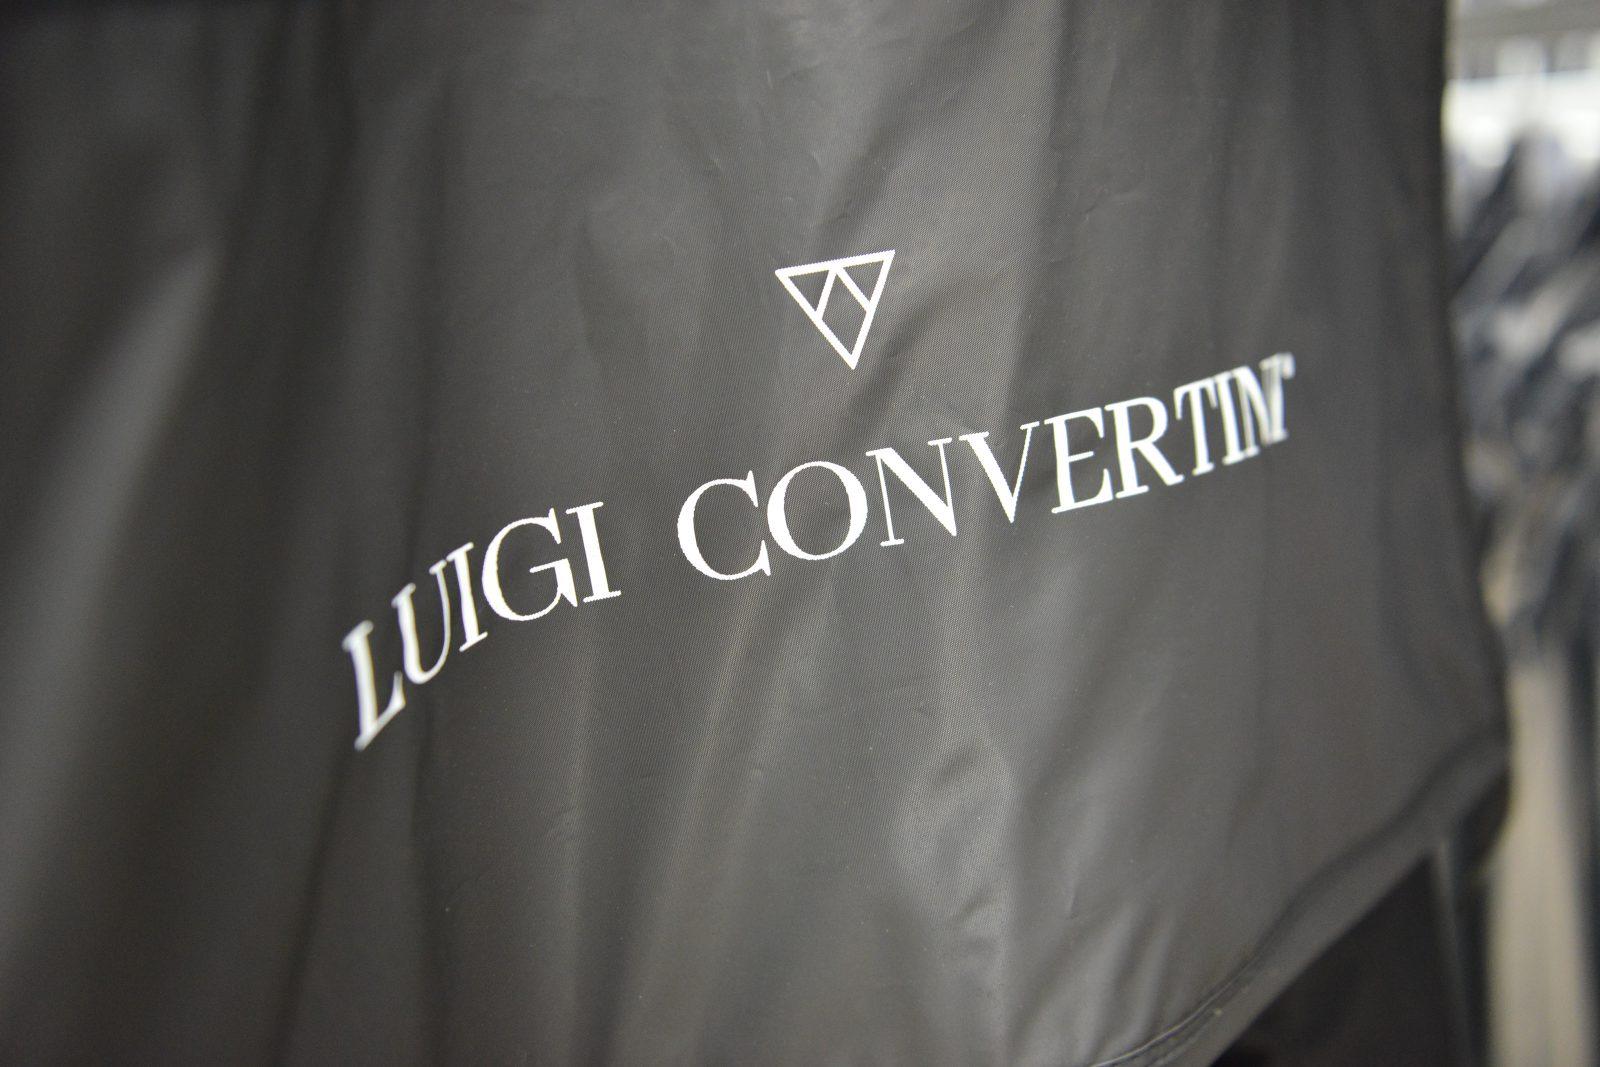 Luigi Convertini